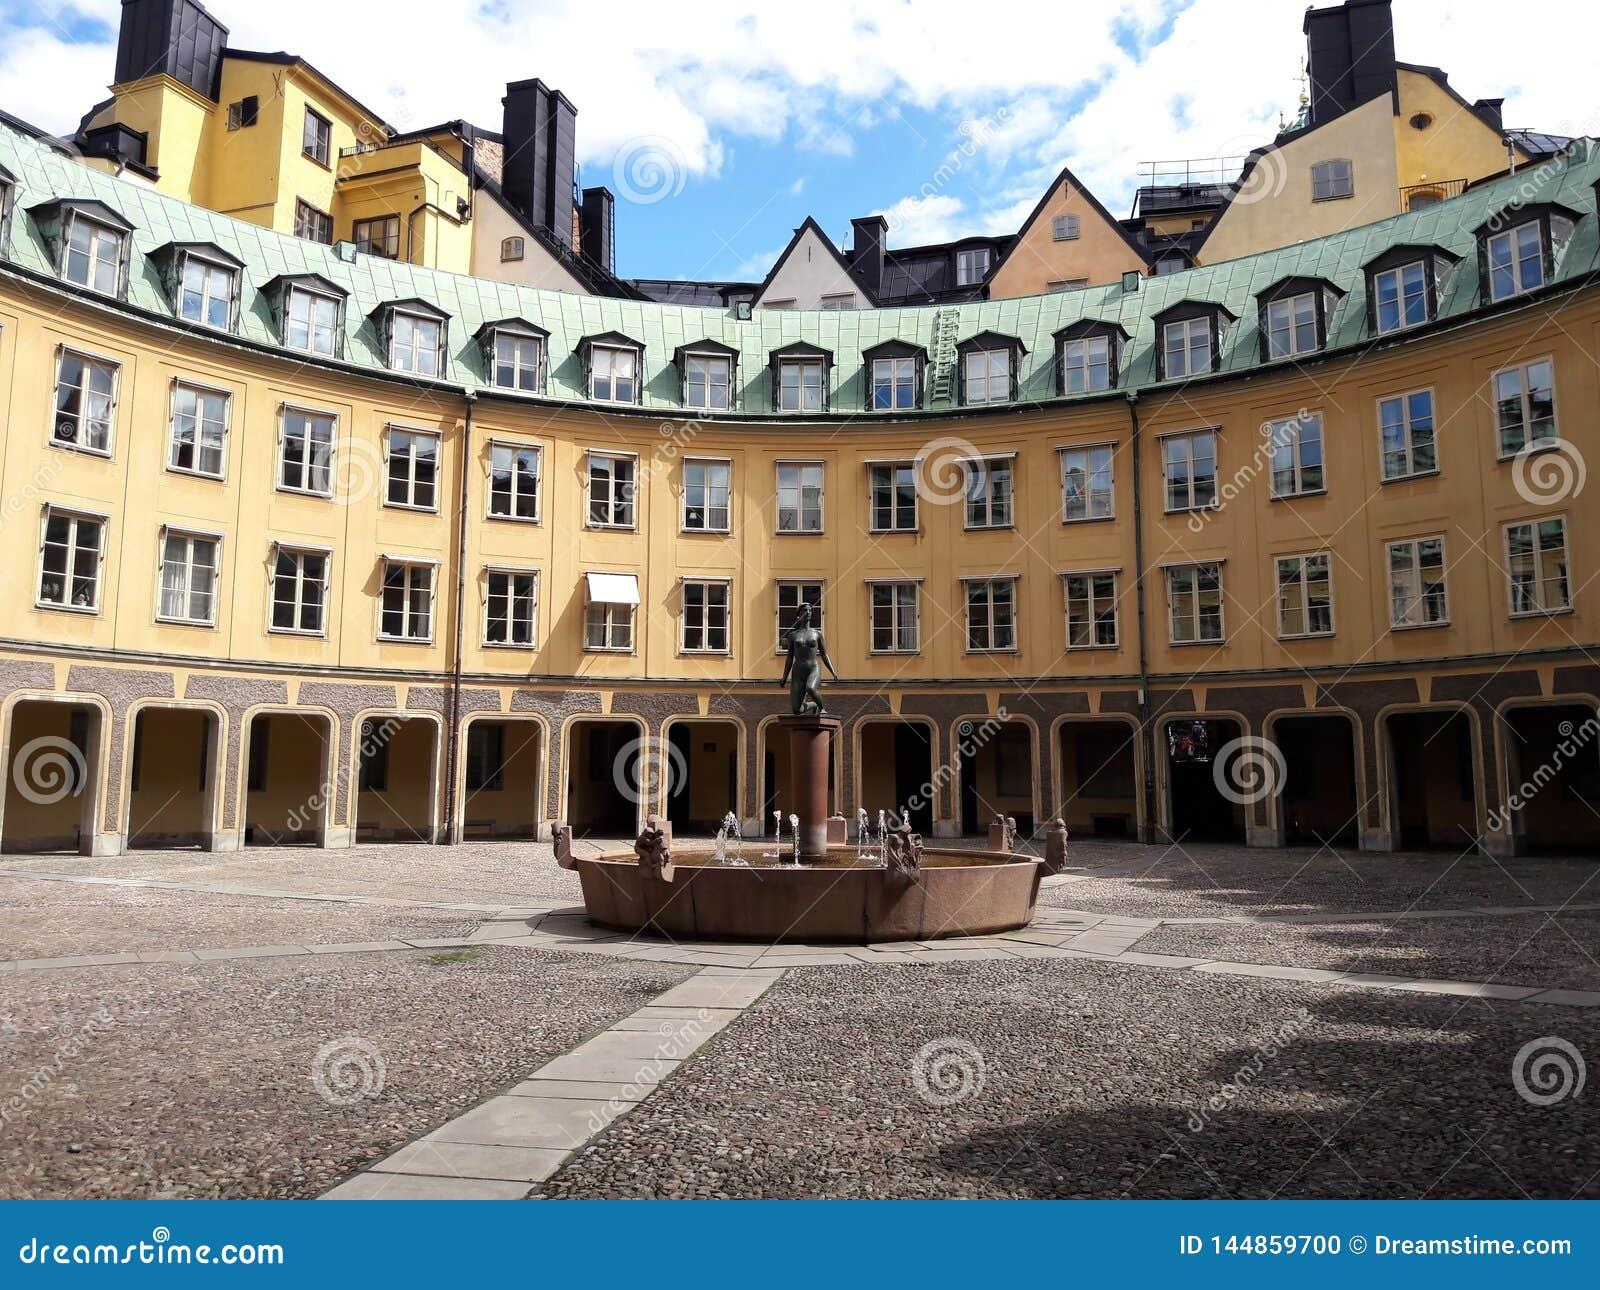 El hibuilding histórico de la vieja ronda en la ciudad europea, Estocolmo, Suecia